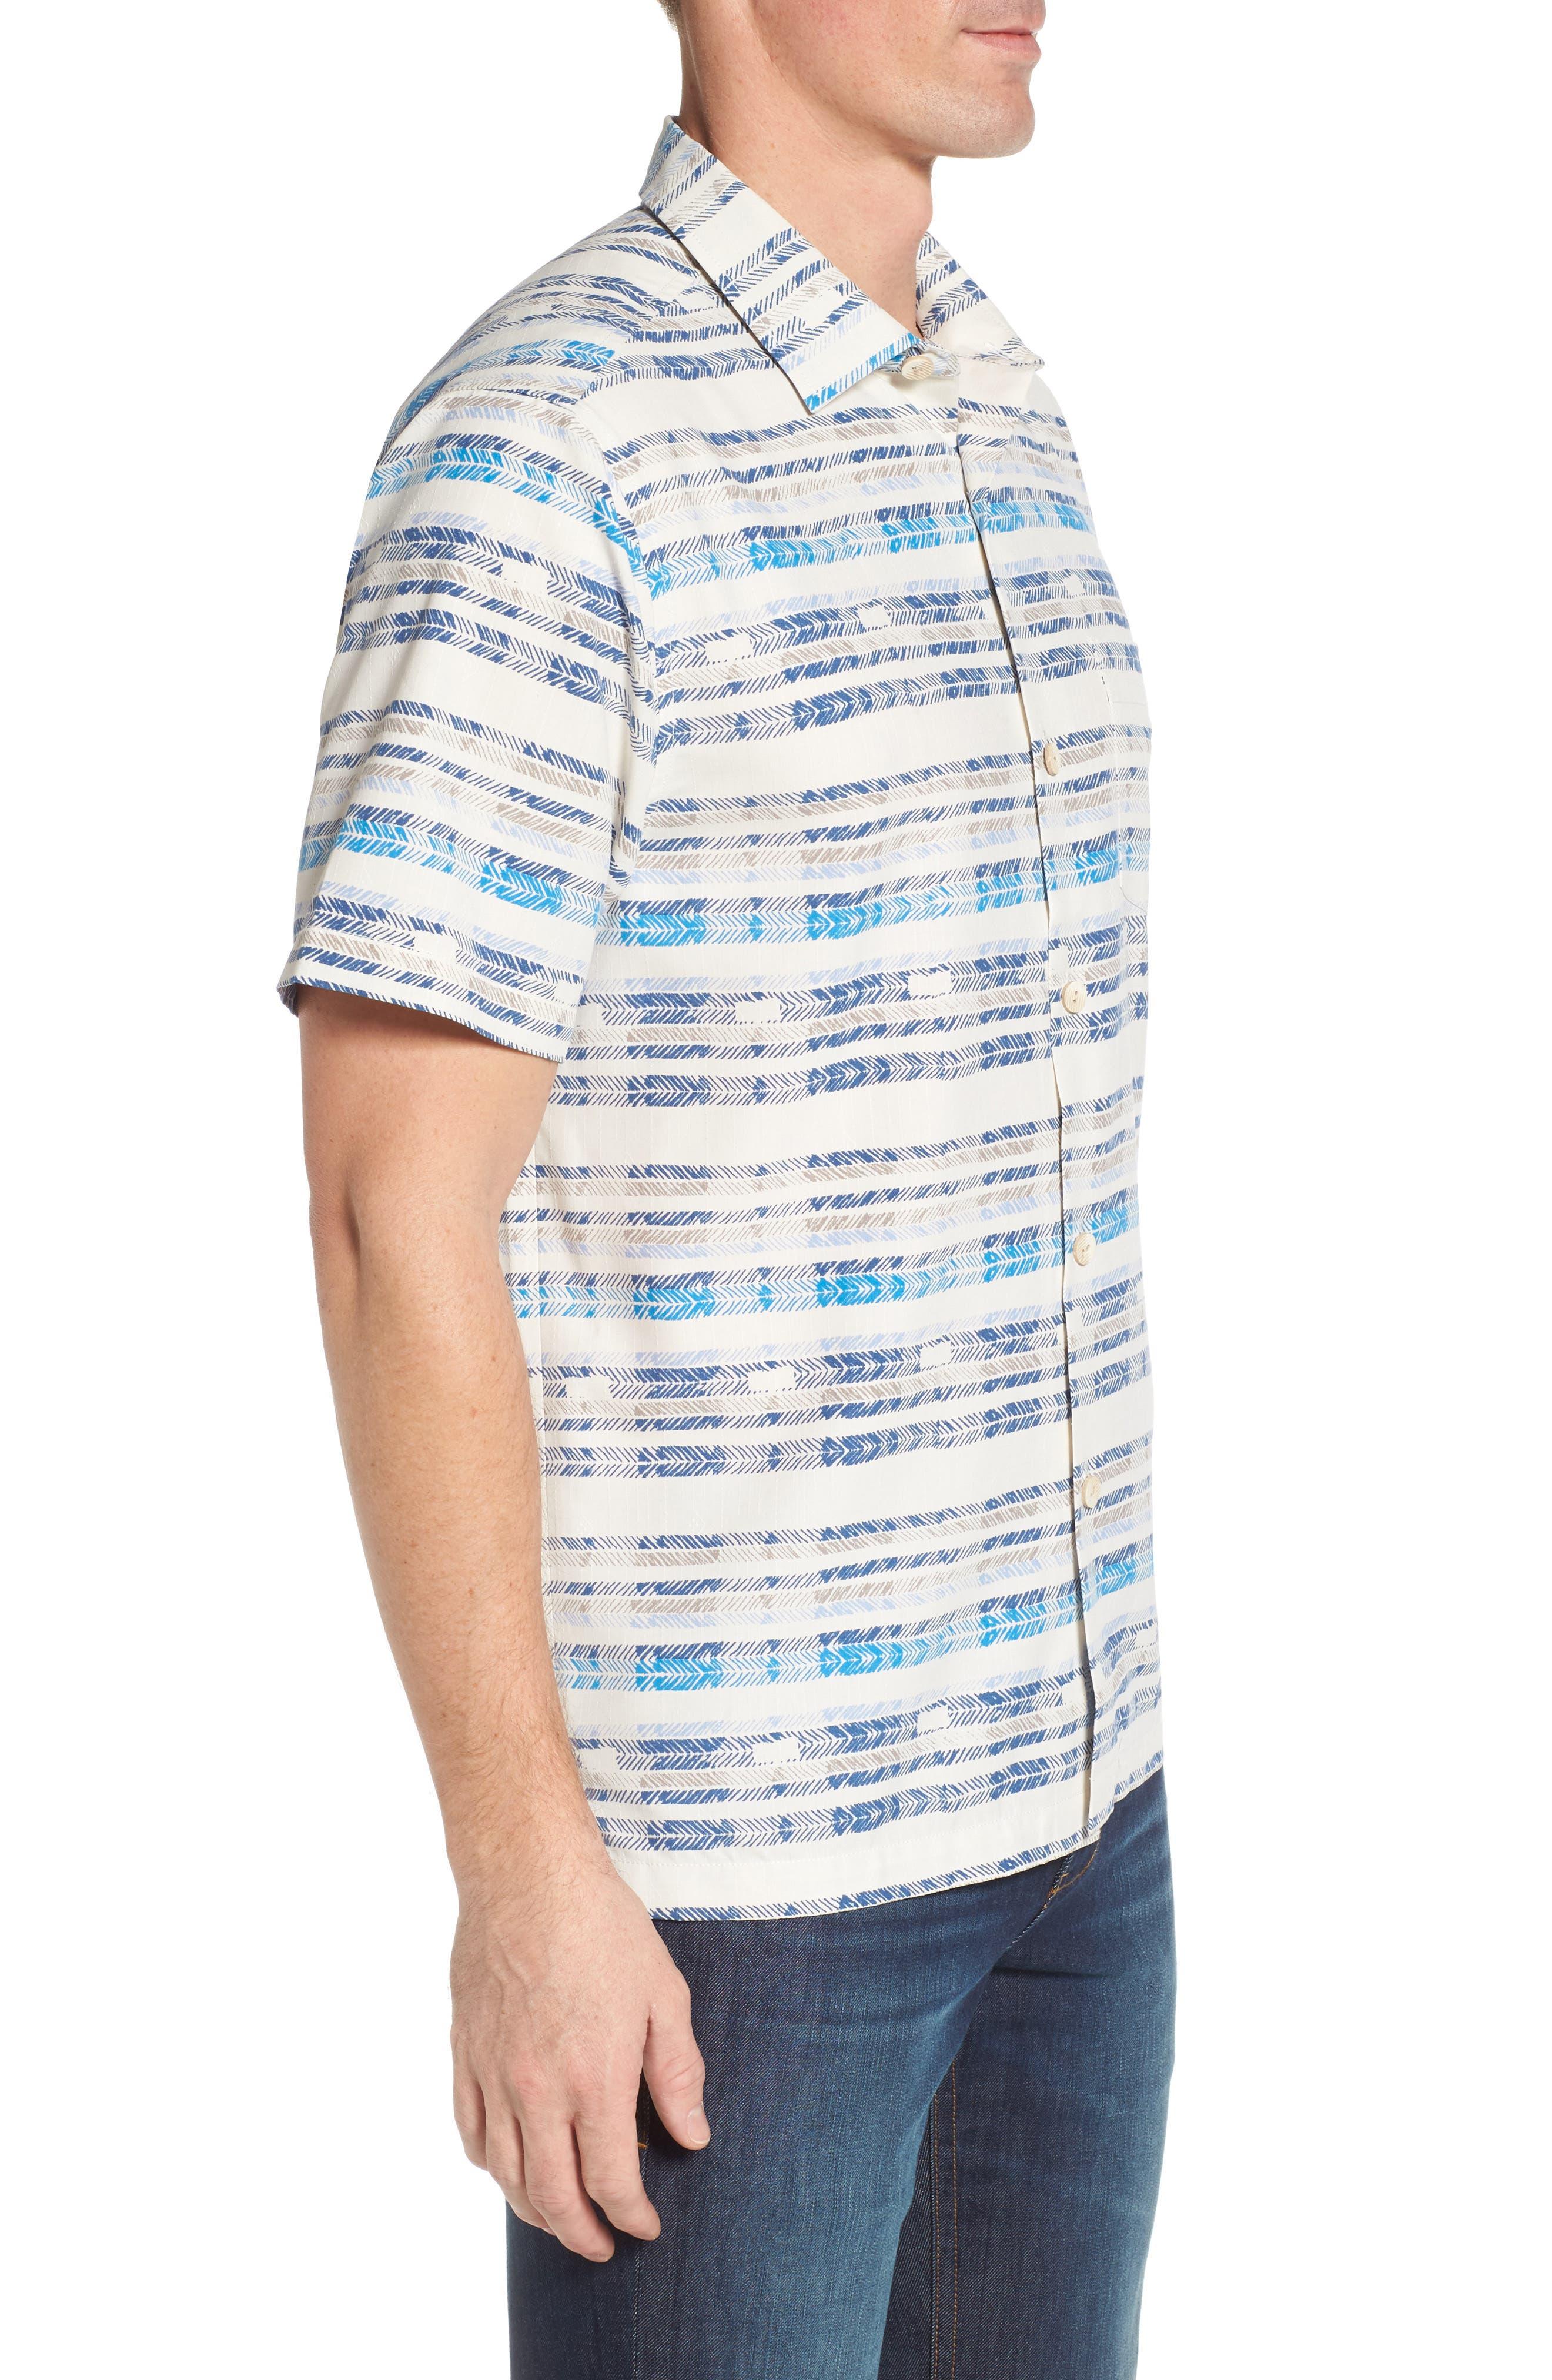 Breaker Bay Sport Shirt,                             Alternate thumbnail 3, color,                             Coconut Cream